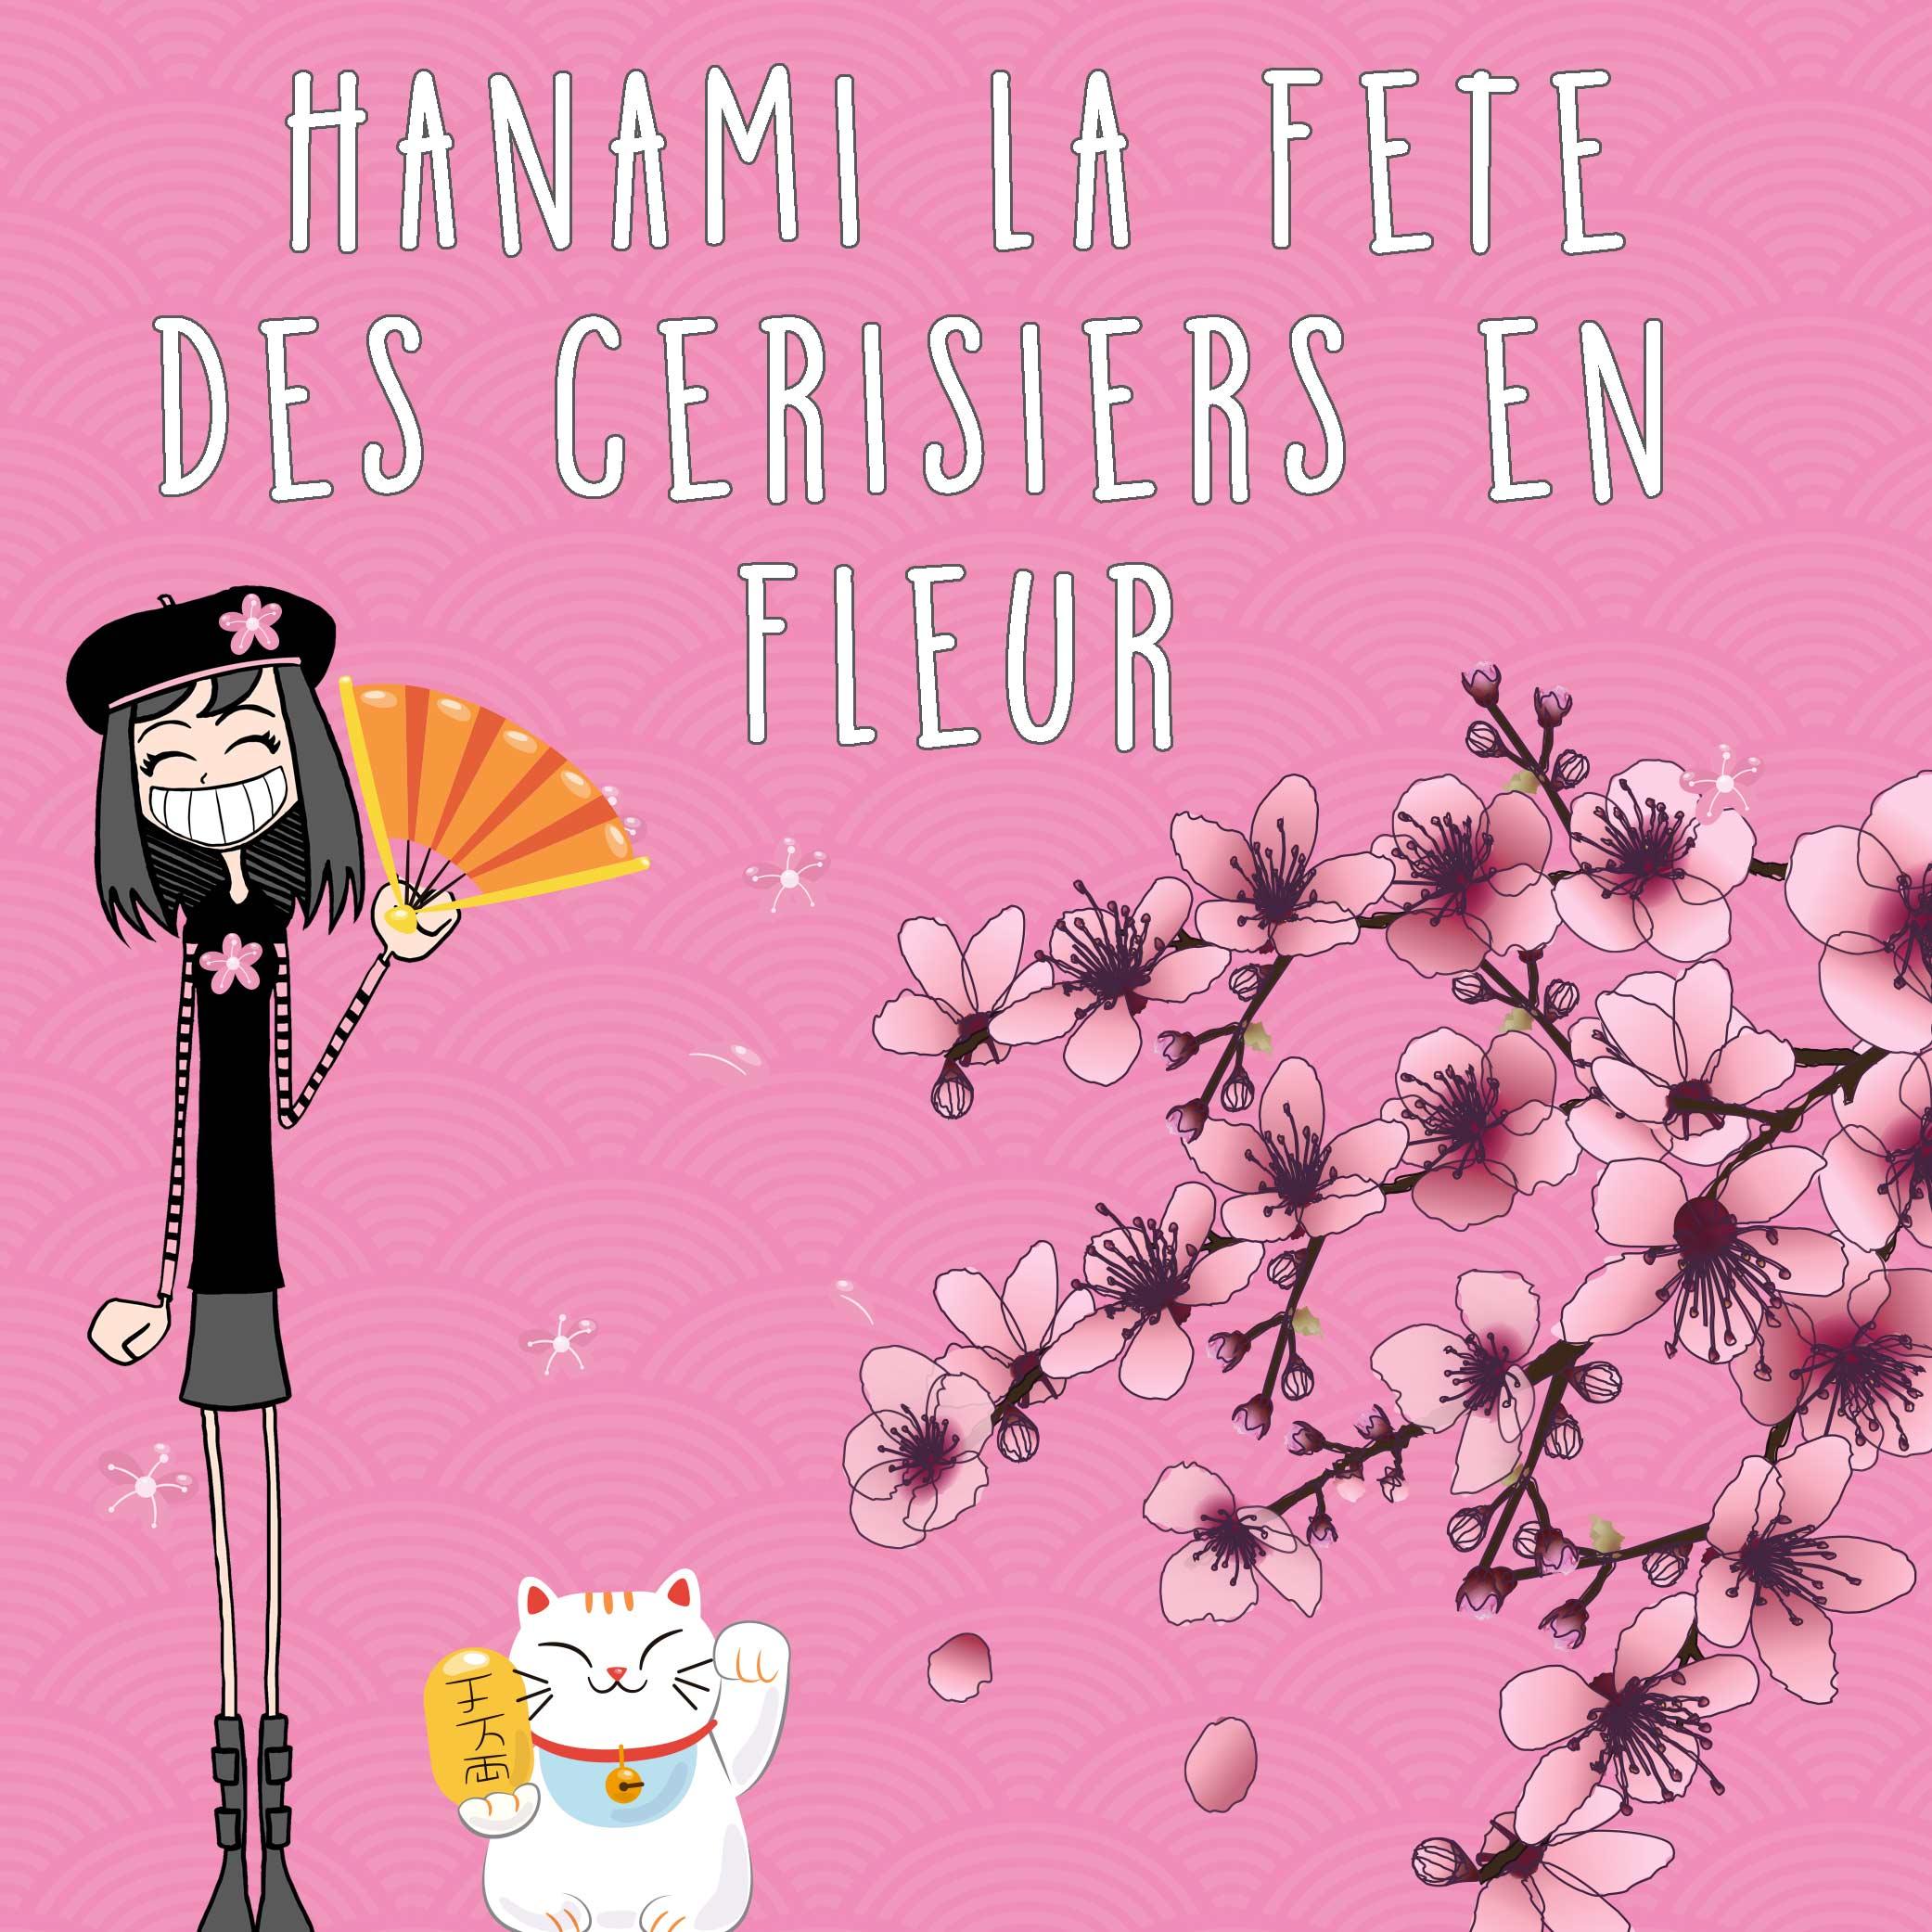 Hanami Ou La Fete Des Cerisiers En Fleur Voyage Japon